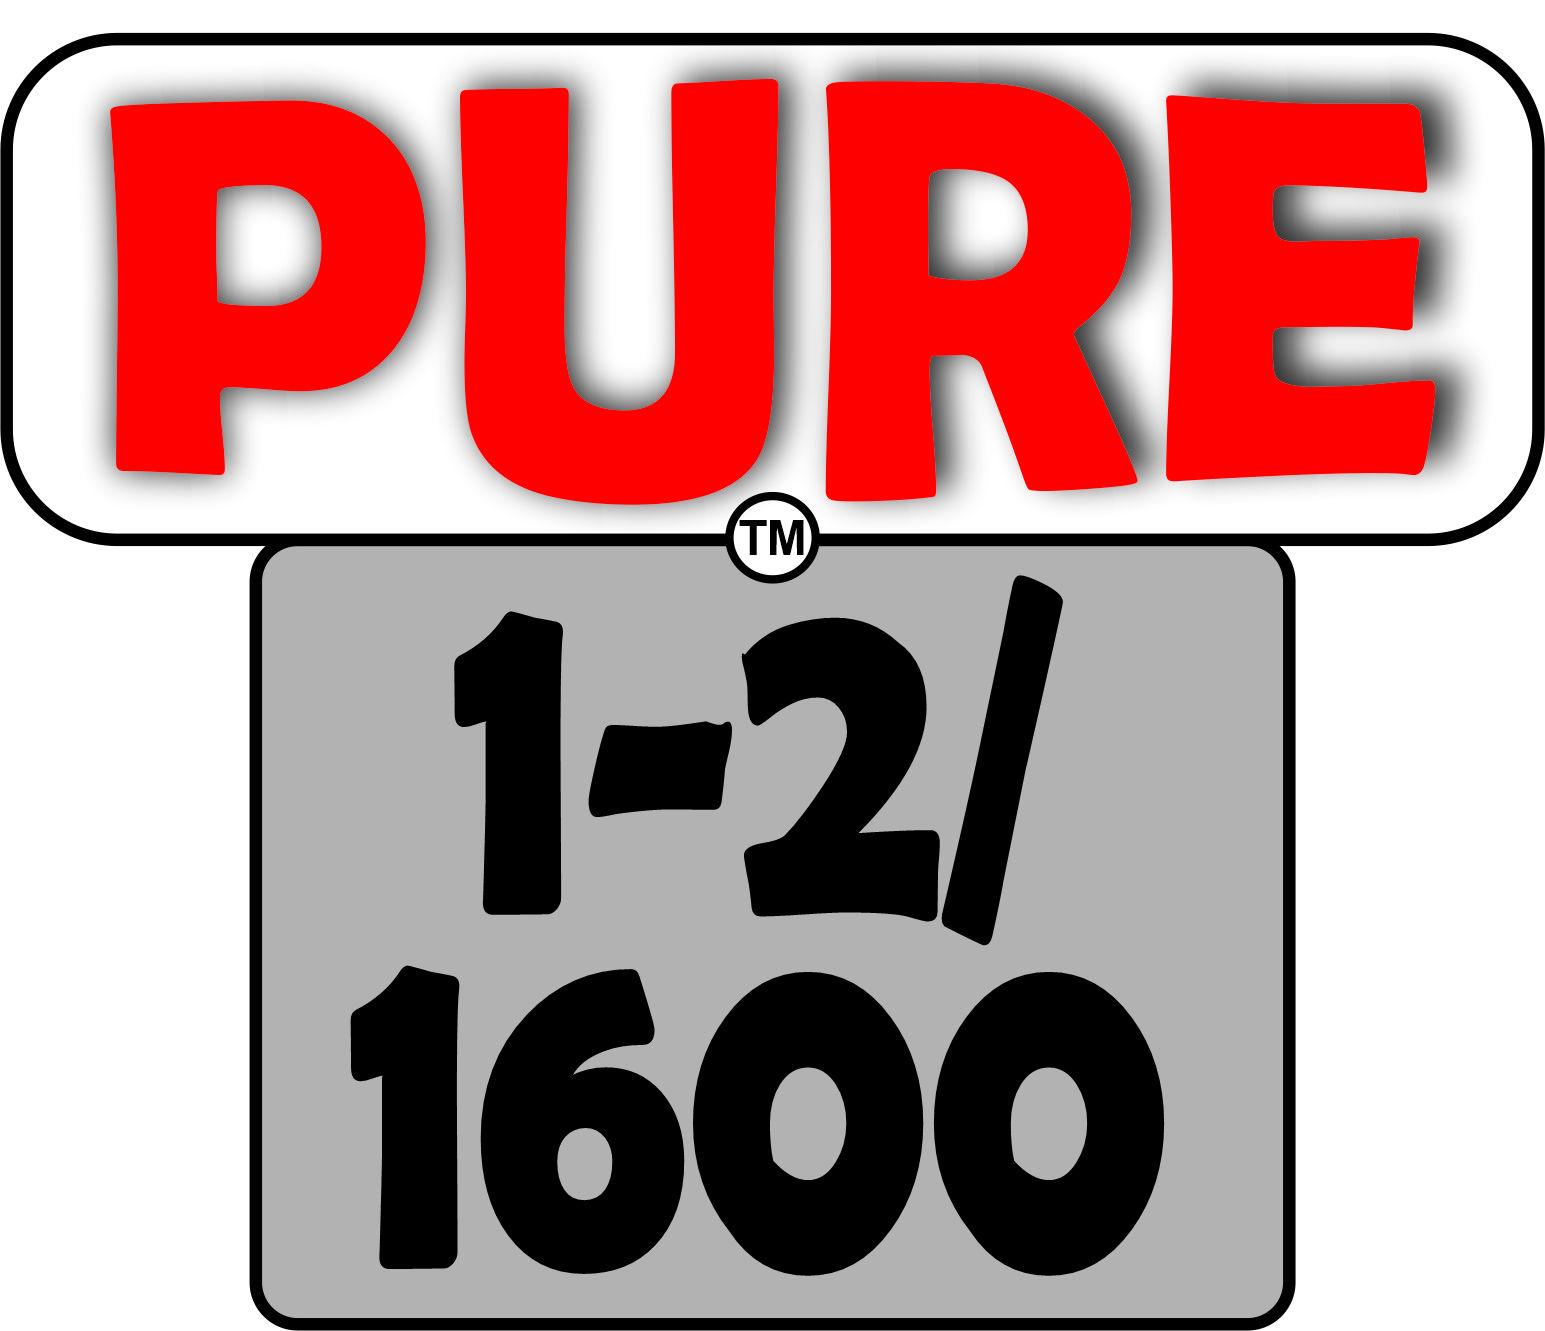 19-PURE-CLASSES-2020-1-2-1600-Nov13.jpg